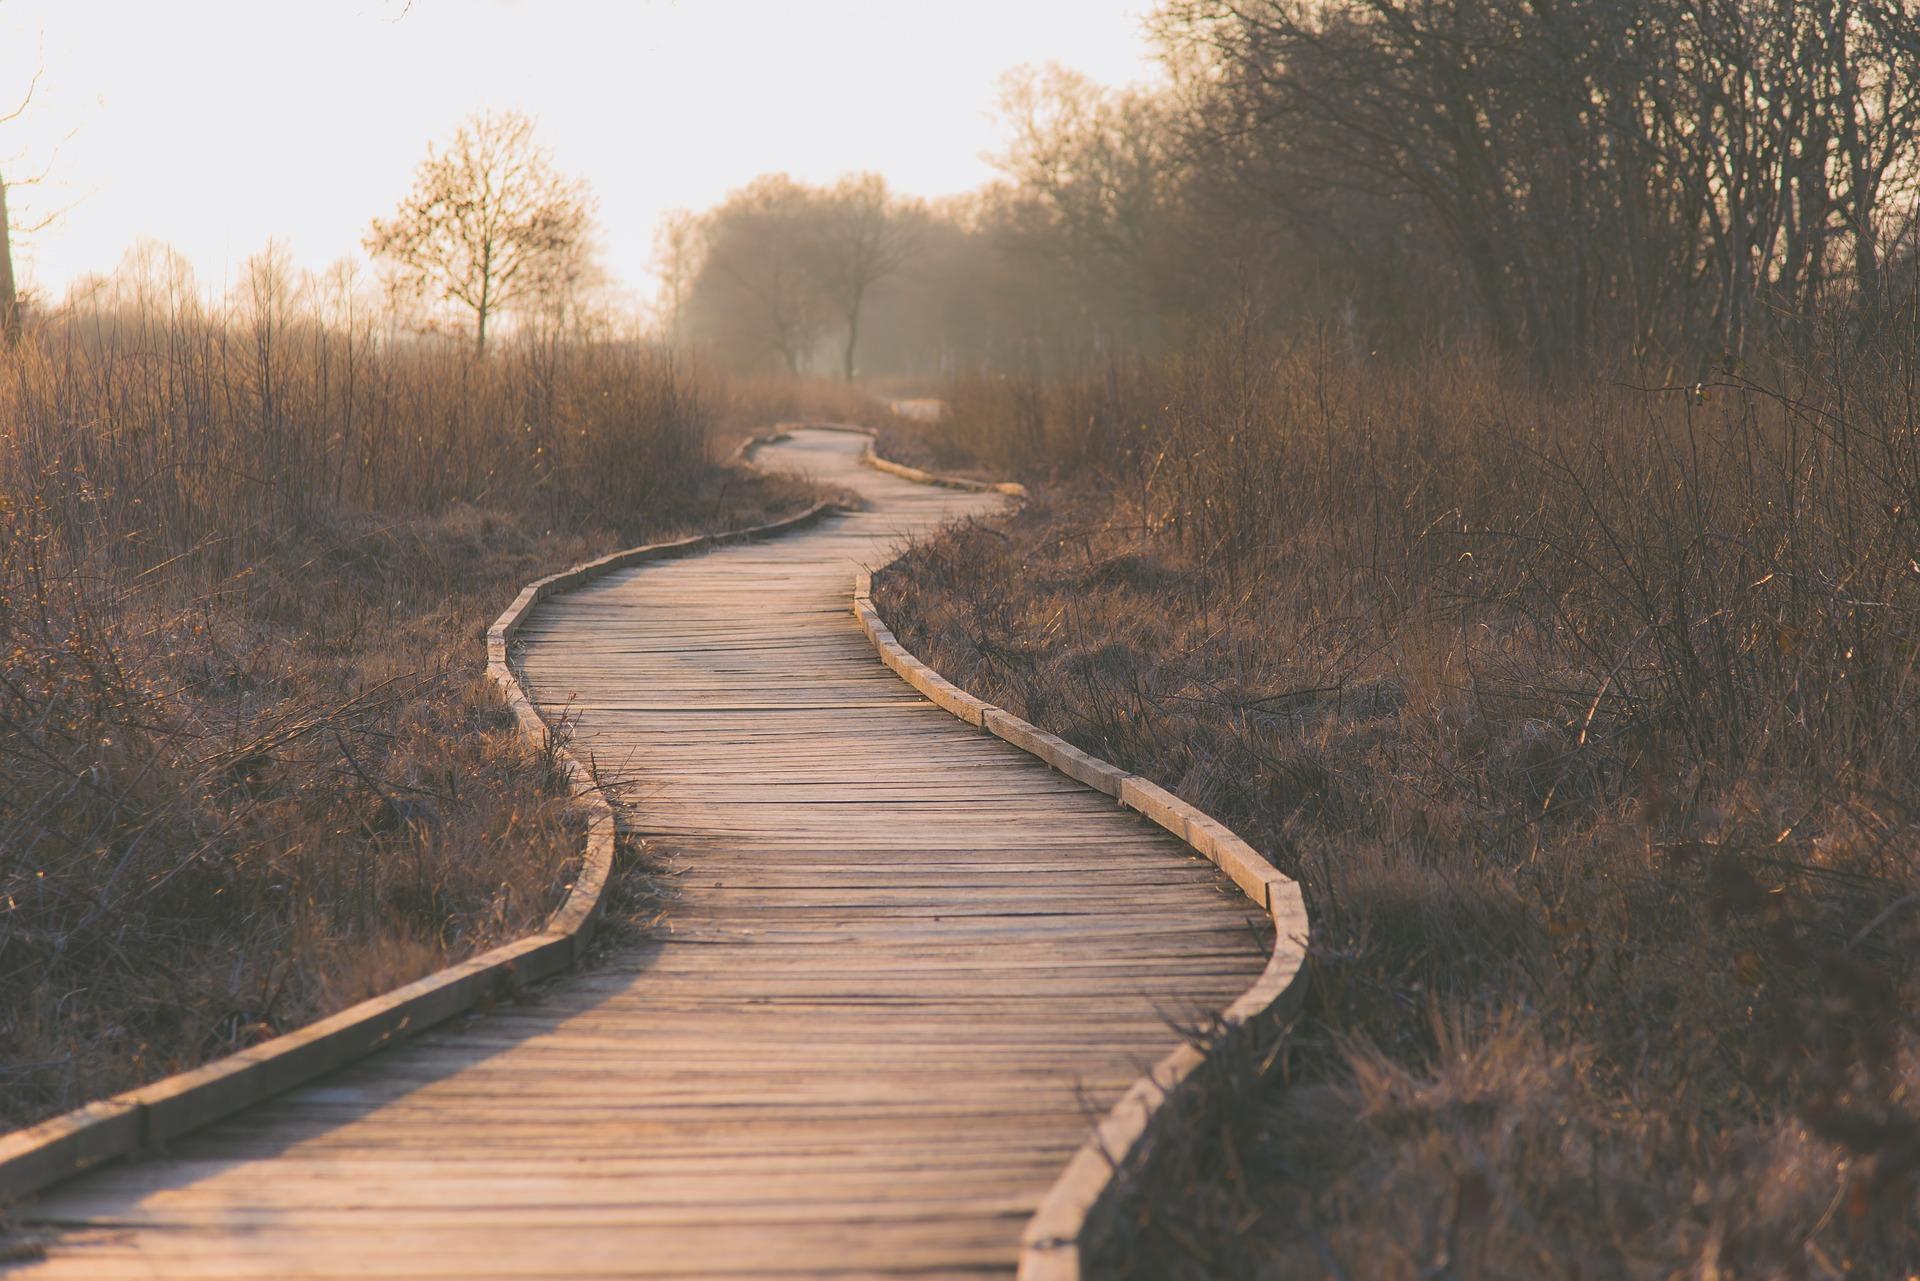 Kuvituskuva: laudoitettu polku mutkittelee utuisessa metsän reunassa jatkuen horisonttiin